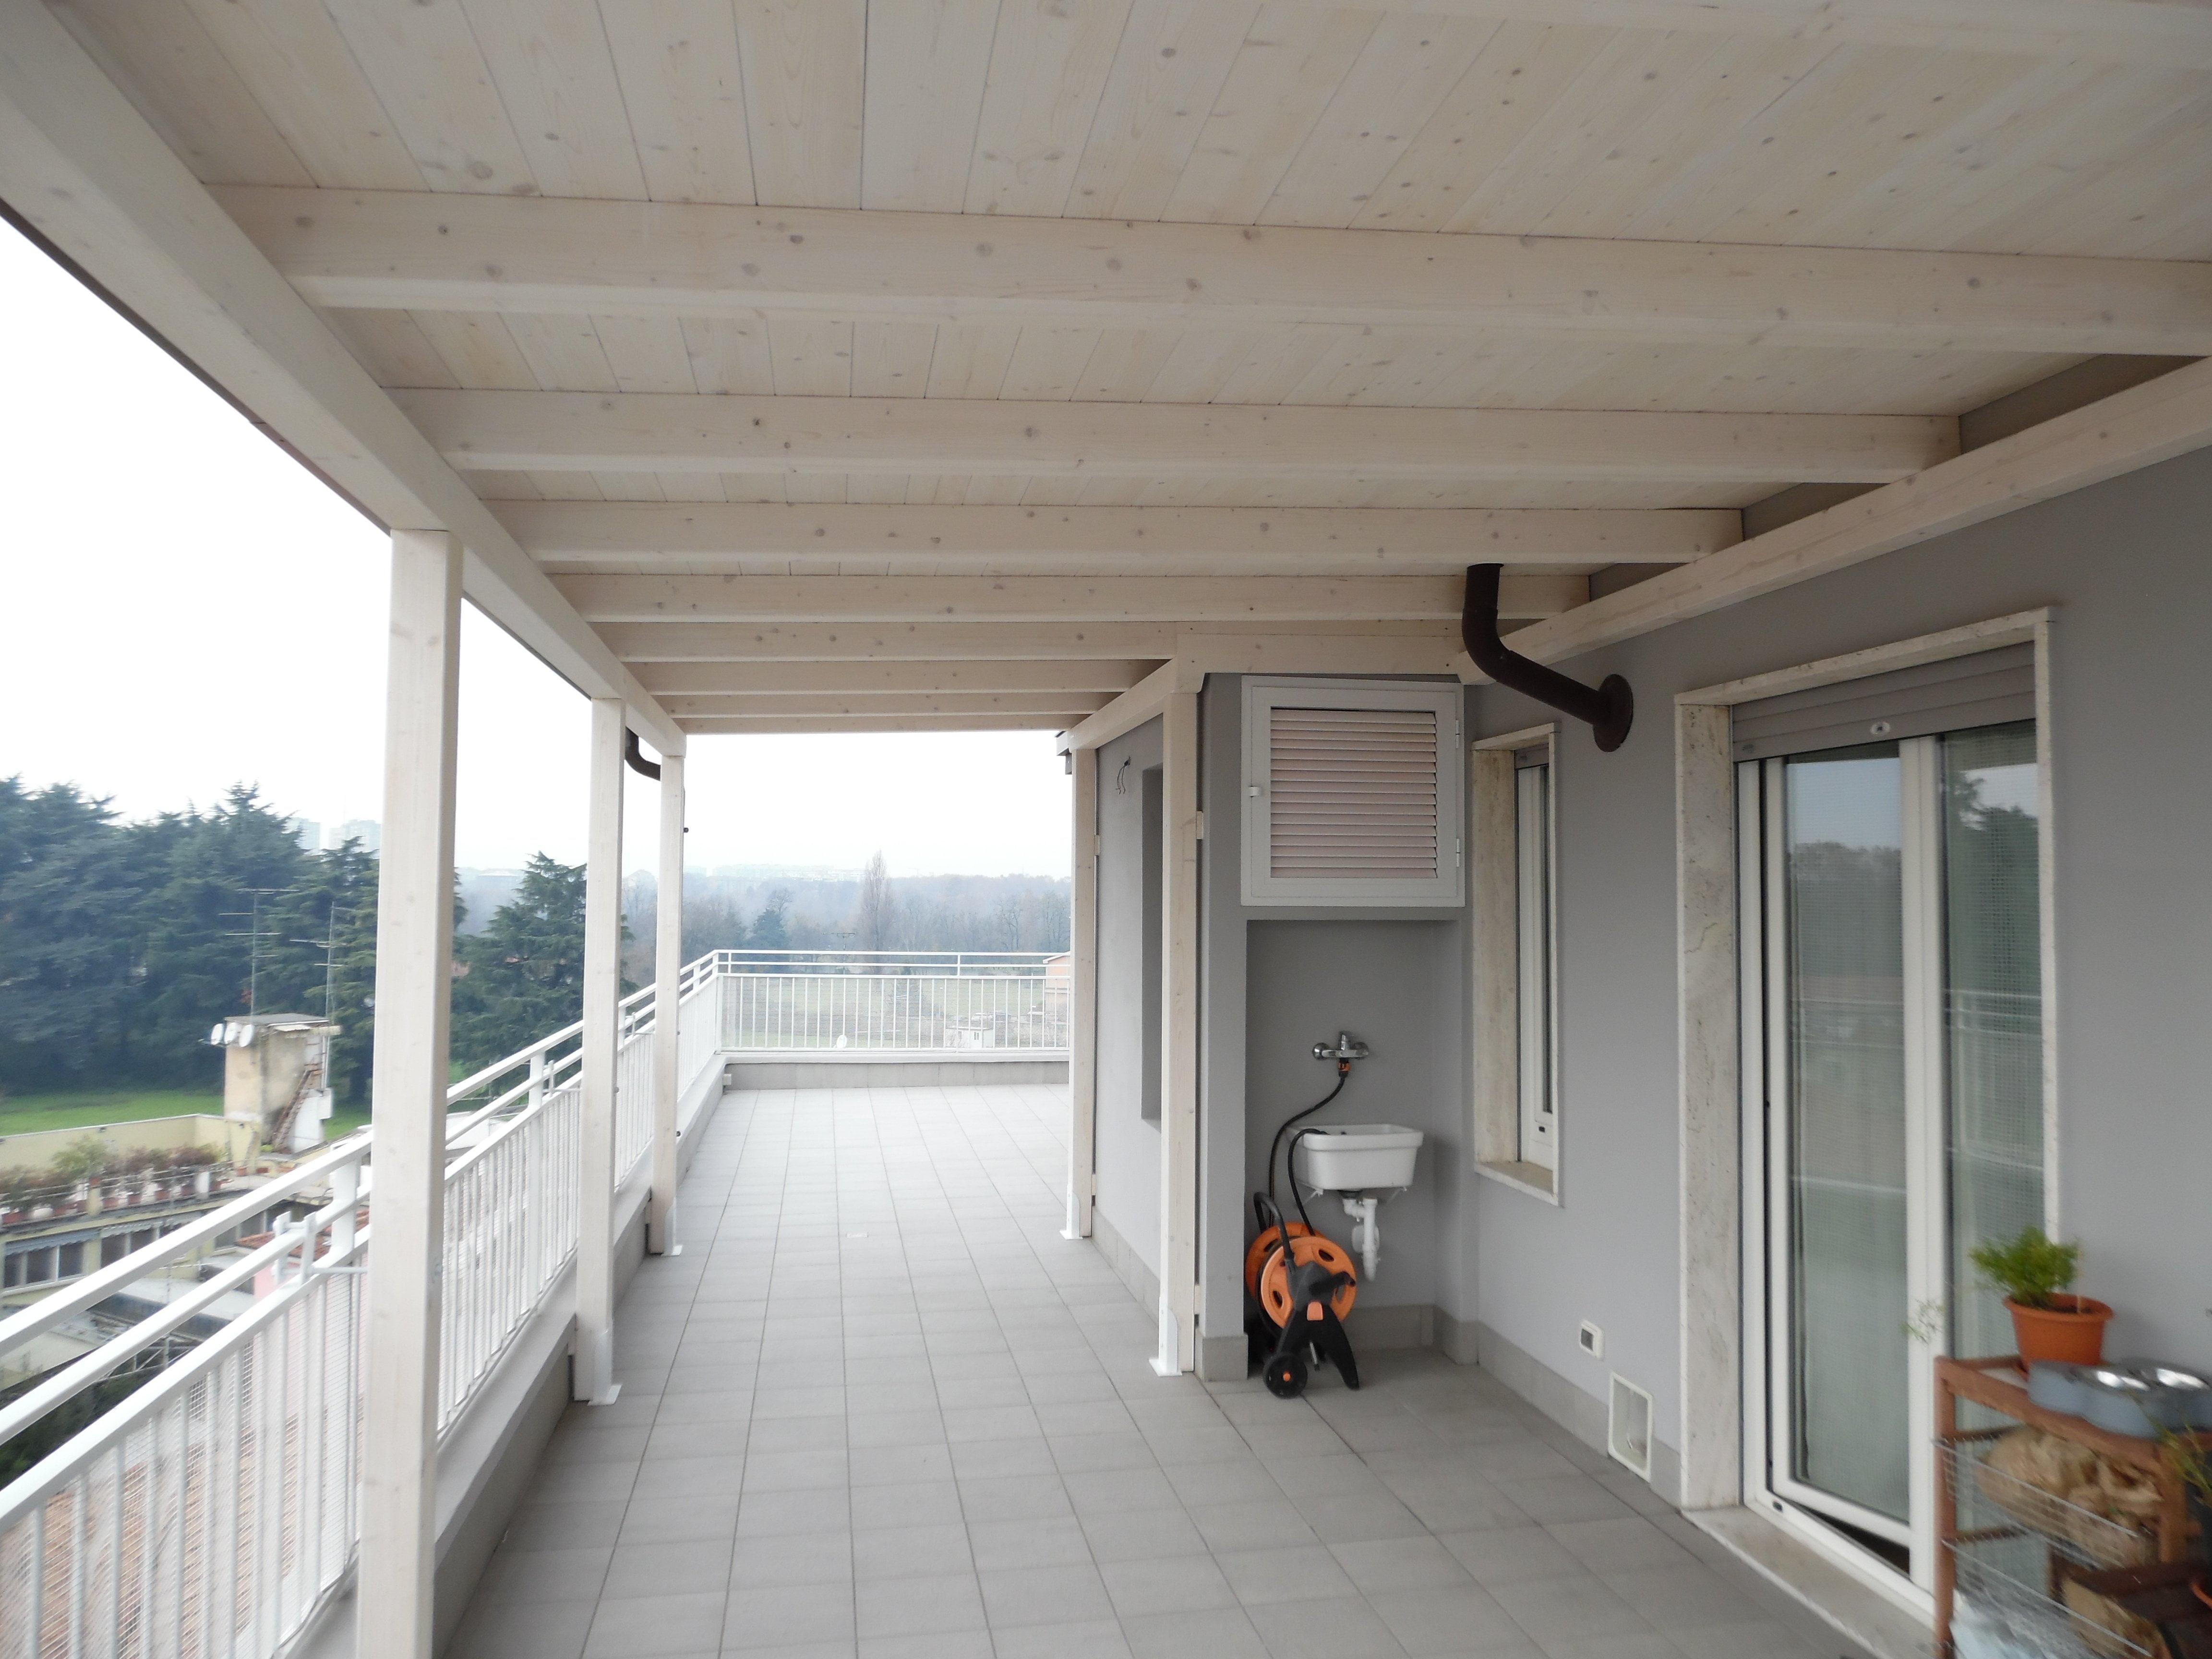 Tettoia in legno per eterno su balcone finitura bianco - Tetto in legno bianco ...